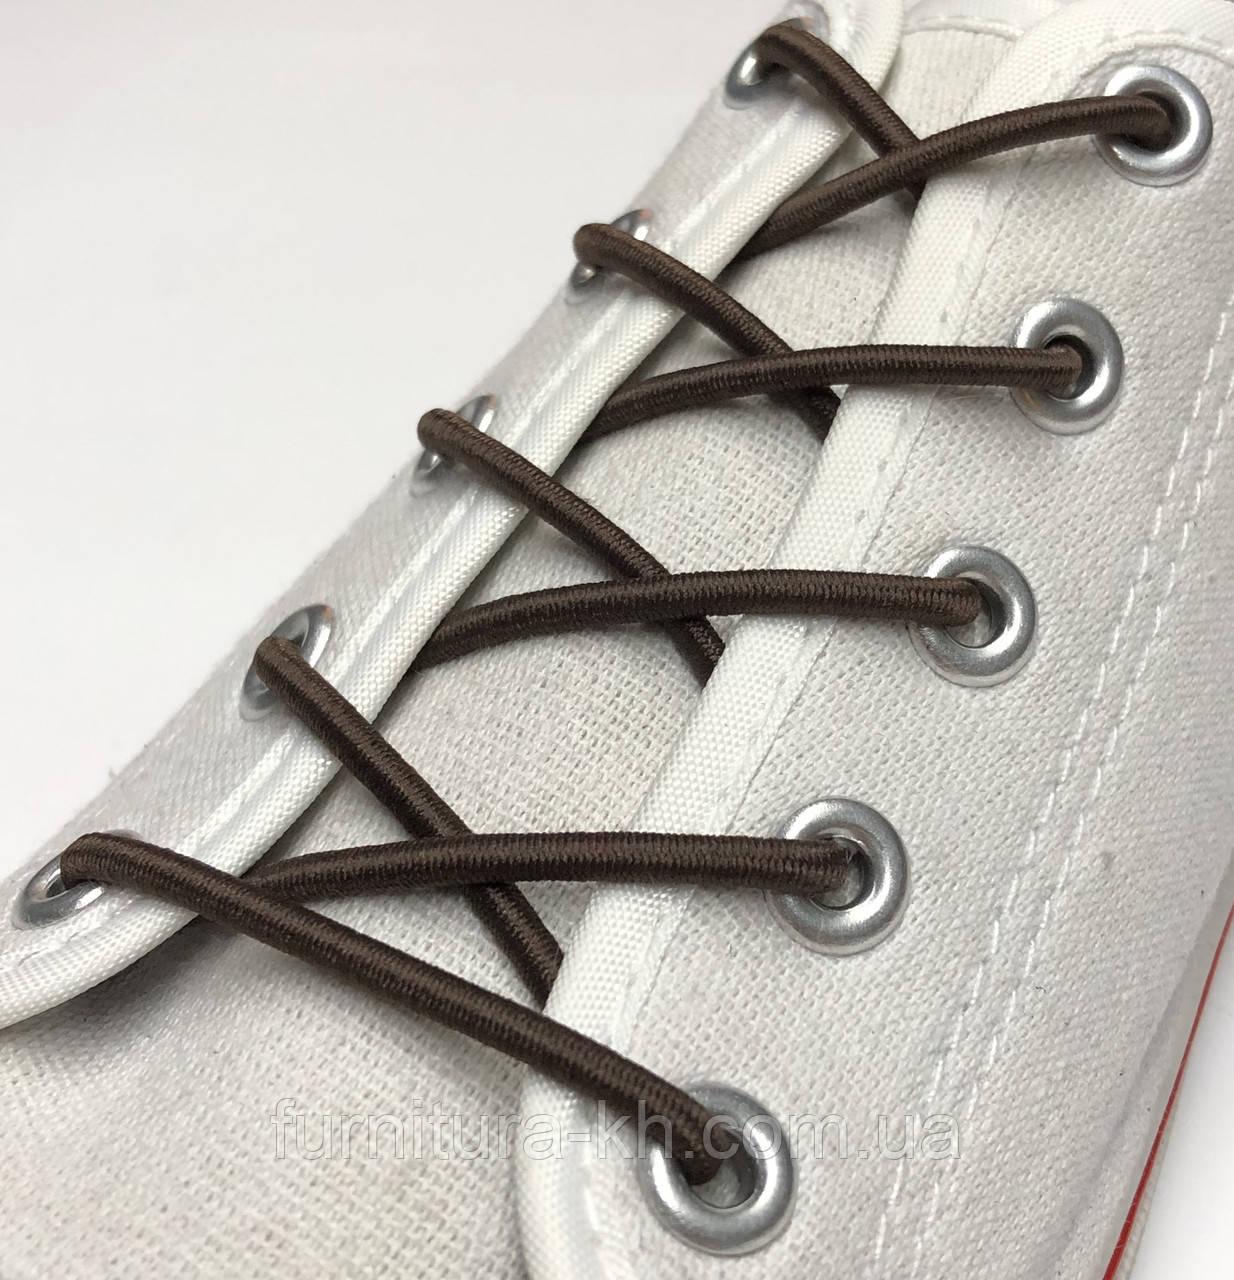 Шнурок Резиновый Круглый-Цвет Темный-Коричневый (толщина 3 мм).Длинна 1 метр